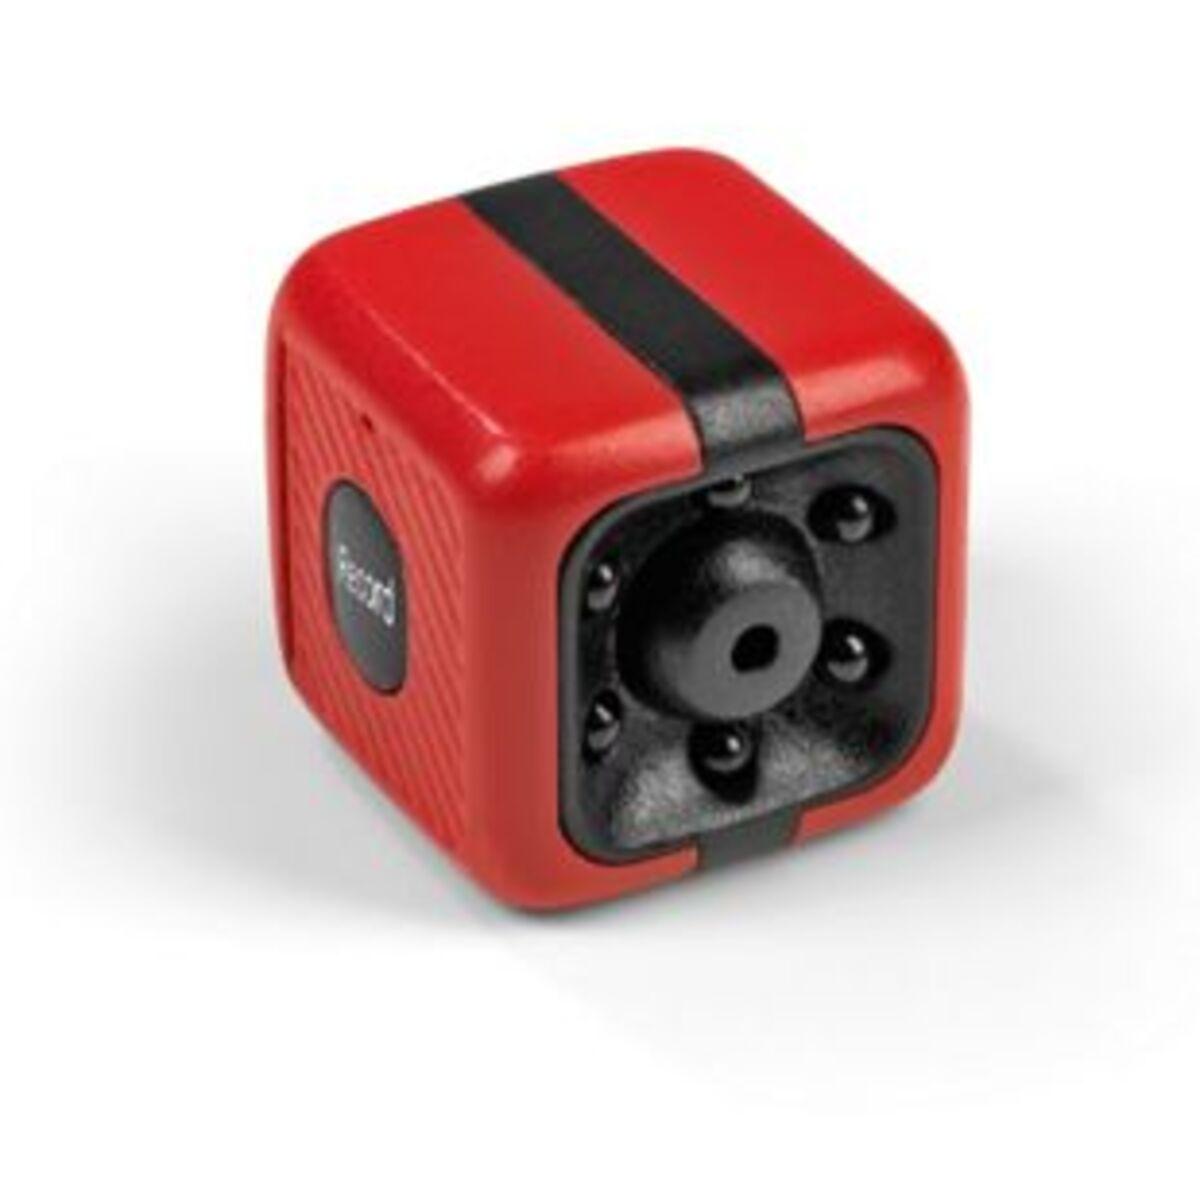 Bild 2 von EASYmaxx Mini-Kamera mit Speicherkarte 8GB